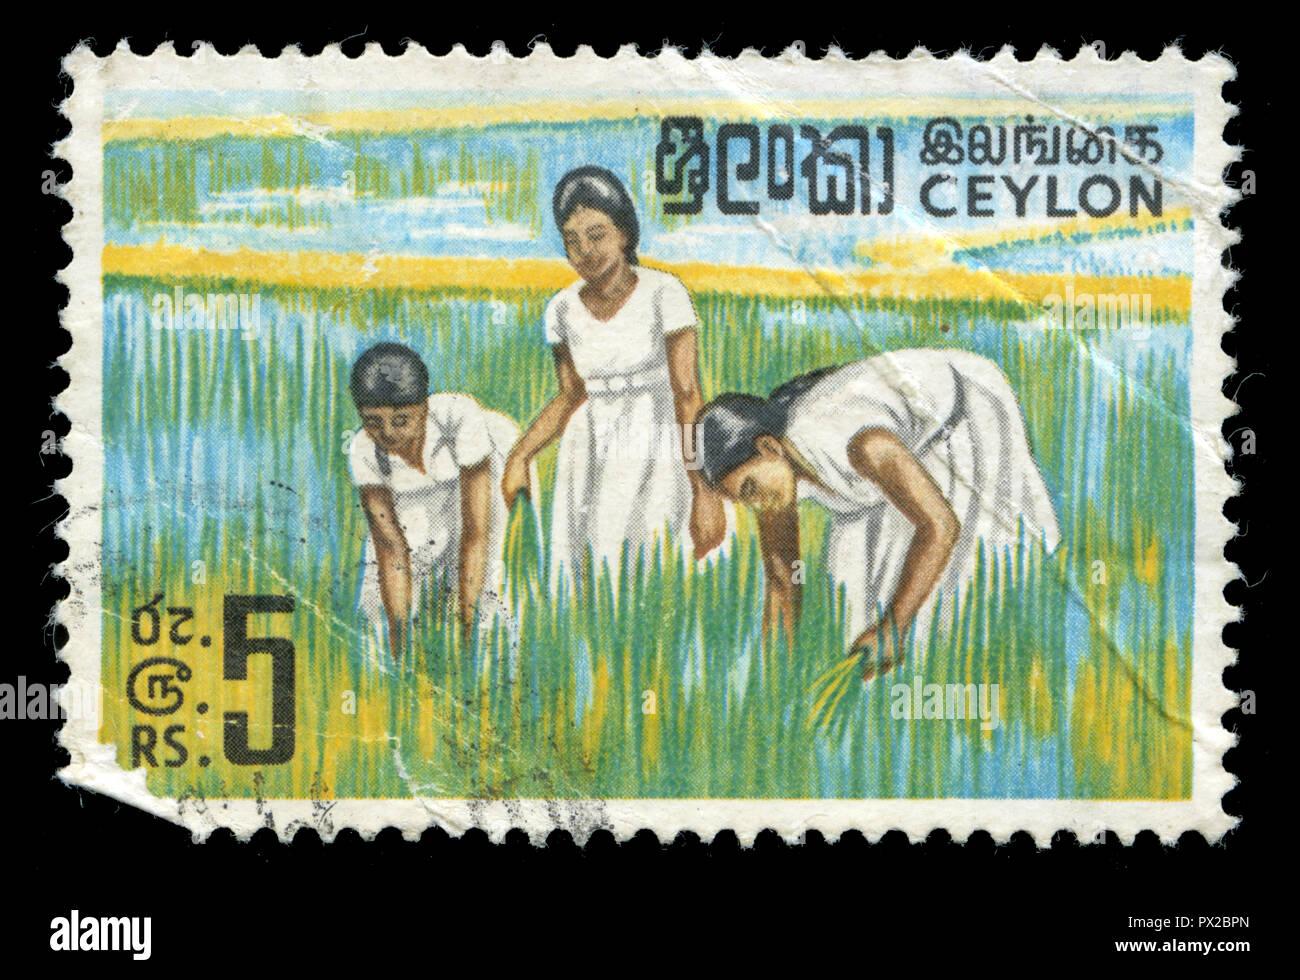 Poststempel Stempel aus Sri Lanka in der endgültigen Ausgabe 1964-72 Serie 1969 ausgestellt Stockfoto